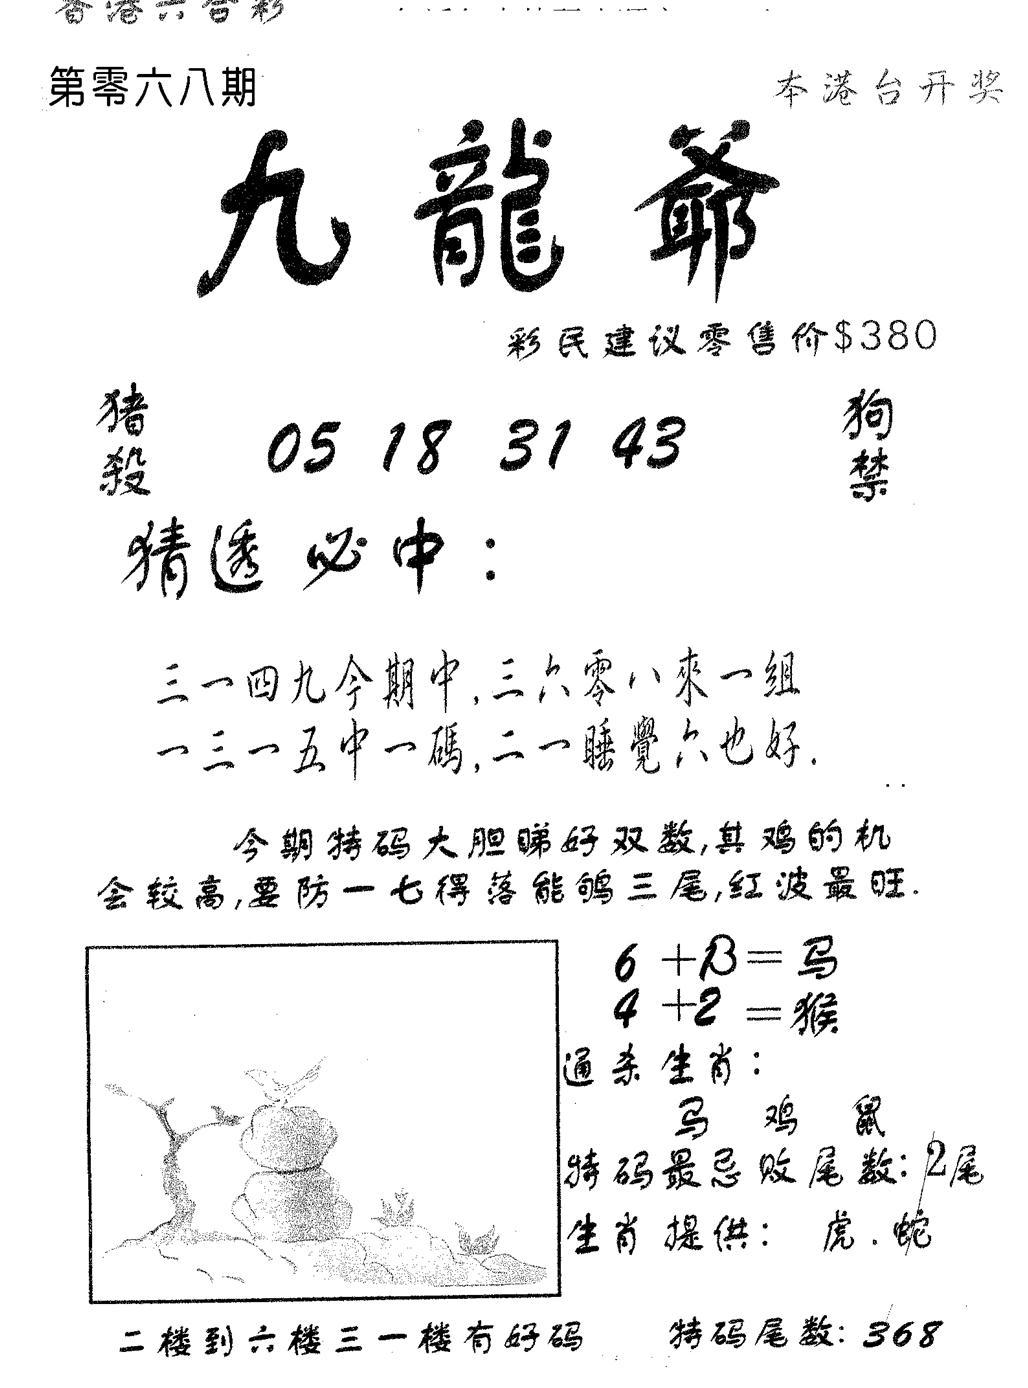 068期曾特诗(黑白)